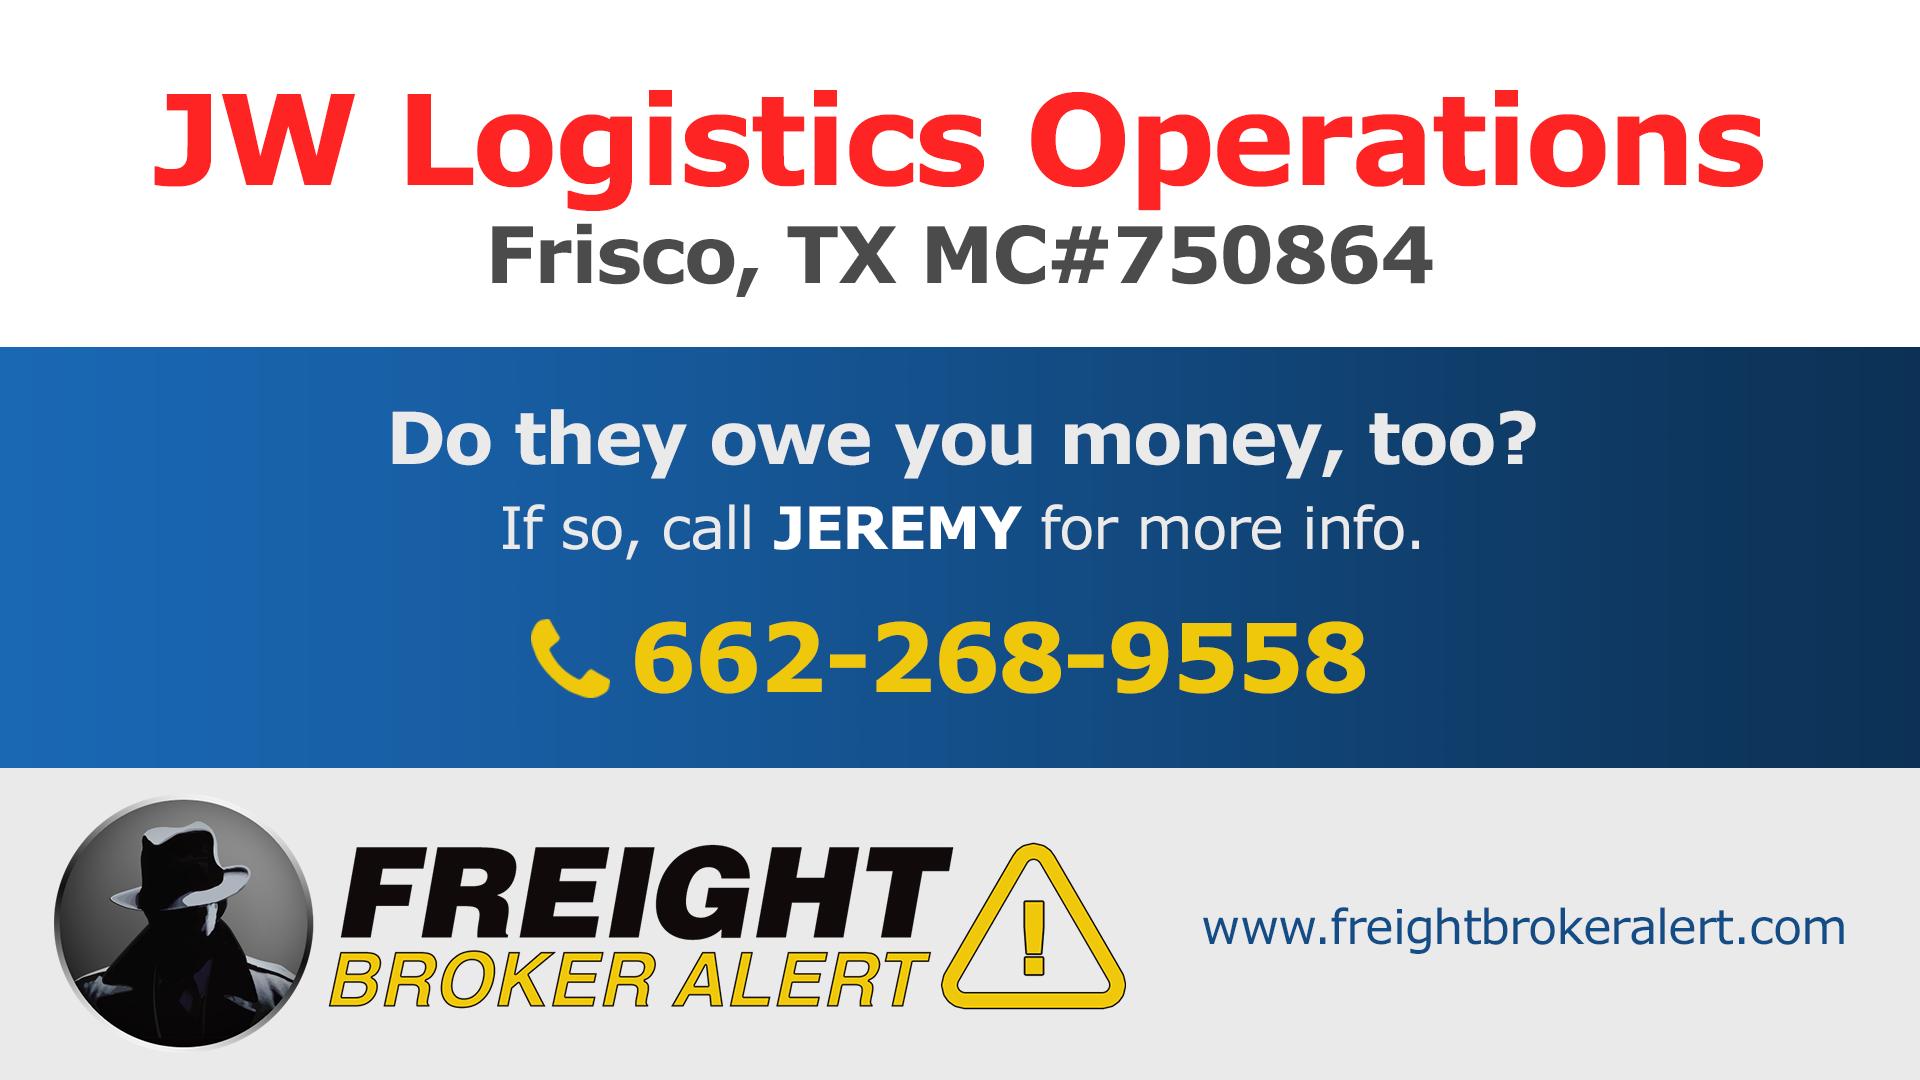 JW Logistics Operations LLC Texas